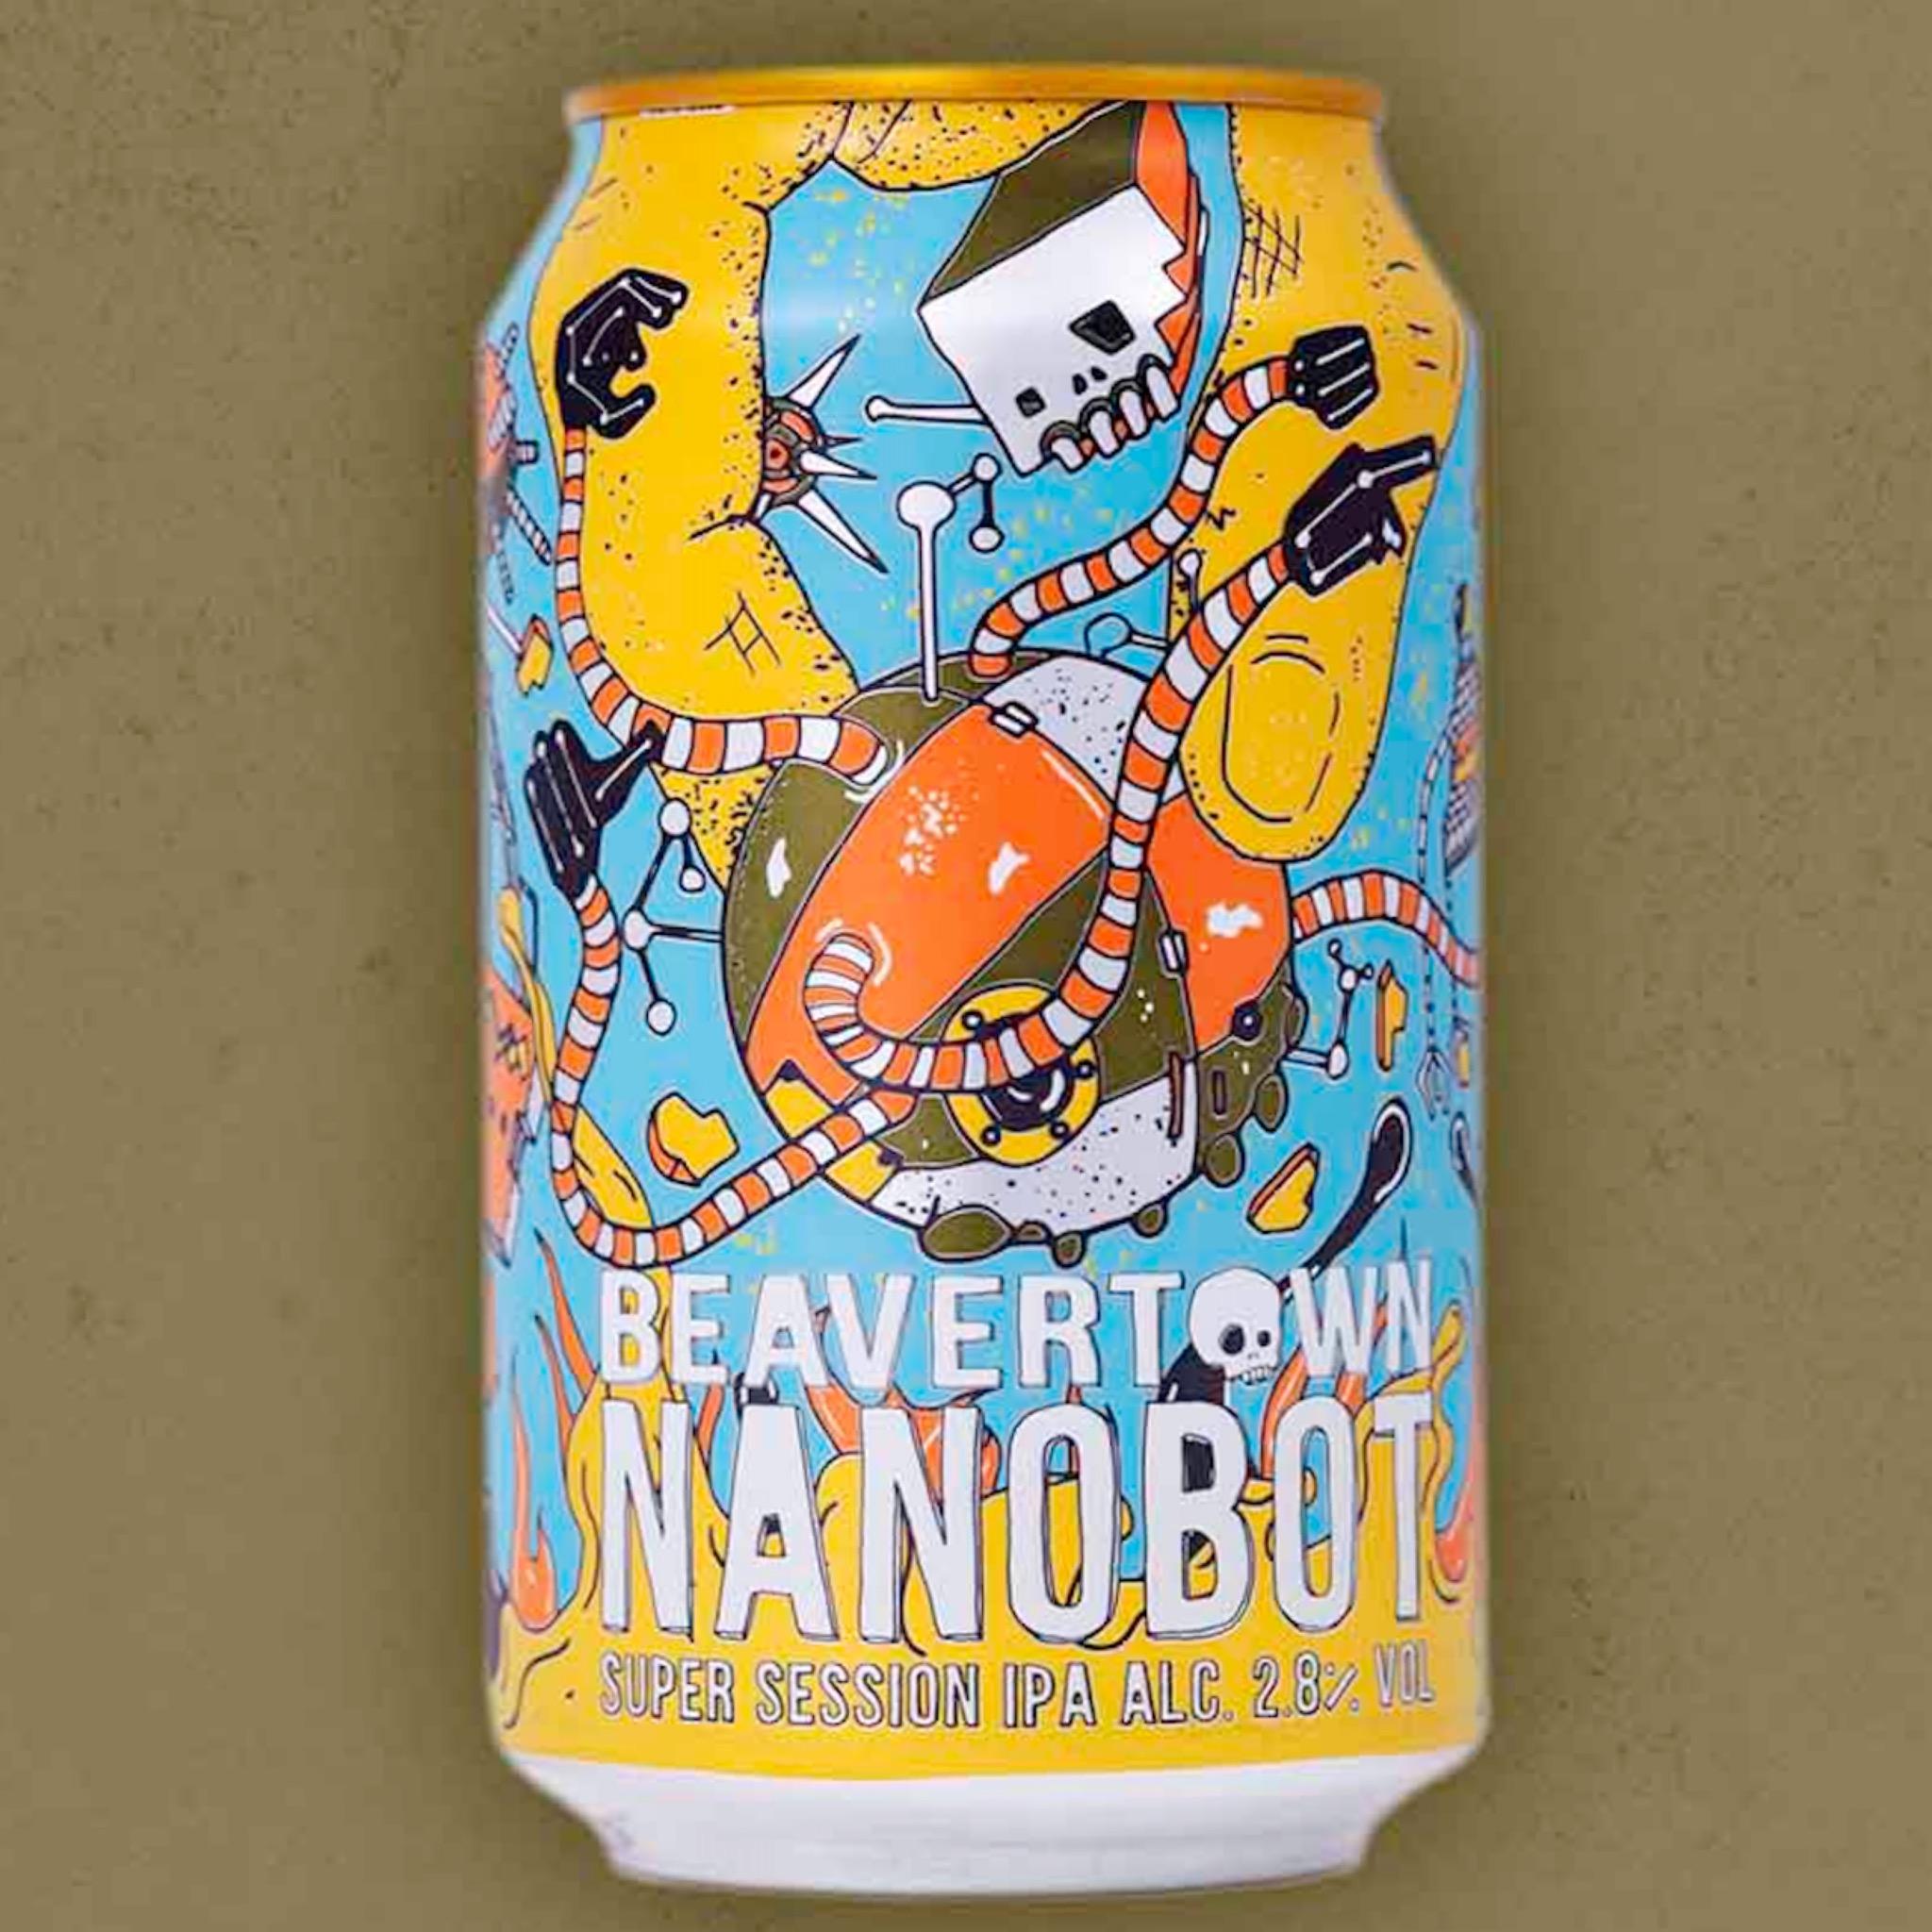 Nanobot Session IPA 2.8% 330ml Beavertown Brewing